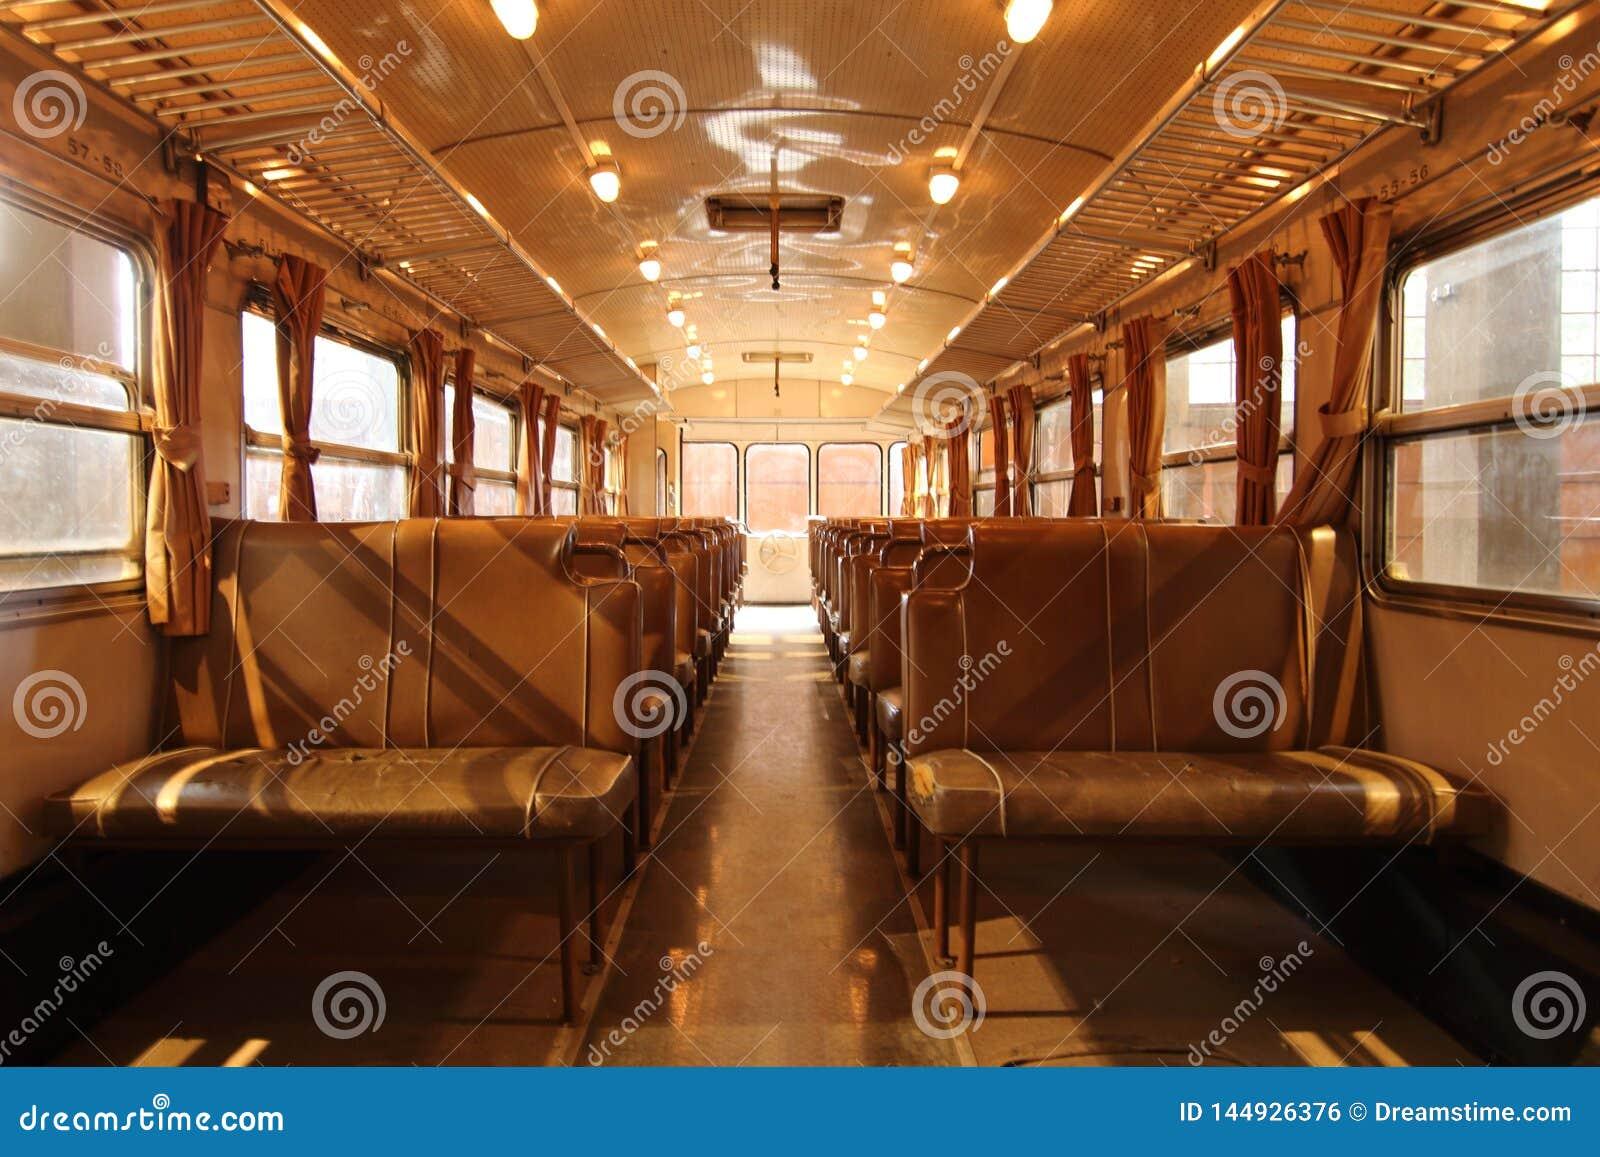 Het binnenlandse vervoer van de spoorwegpassagier, zonder passagiers